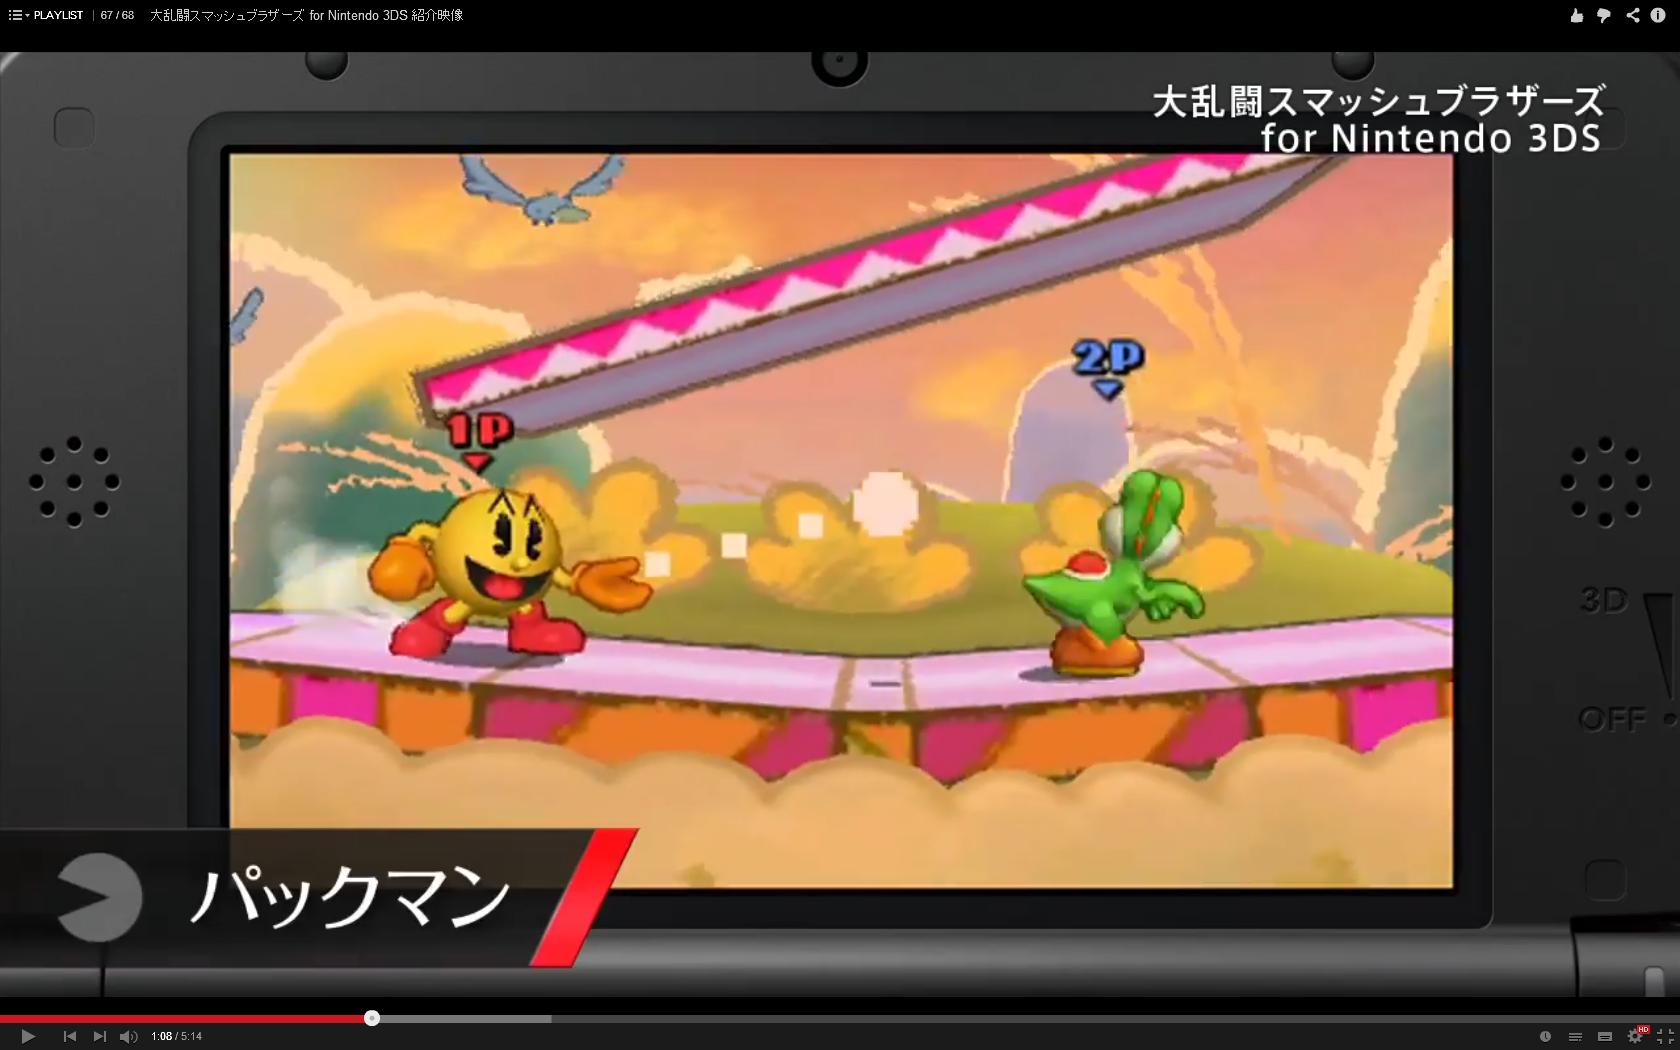 [Officiel] Liste des stages 3DS + nouvelle vidéo 1409320153021845500